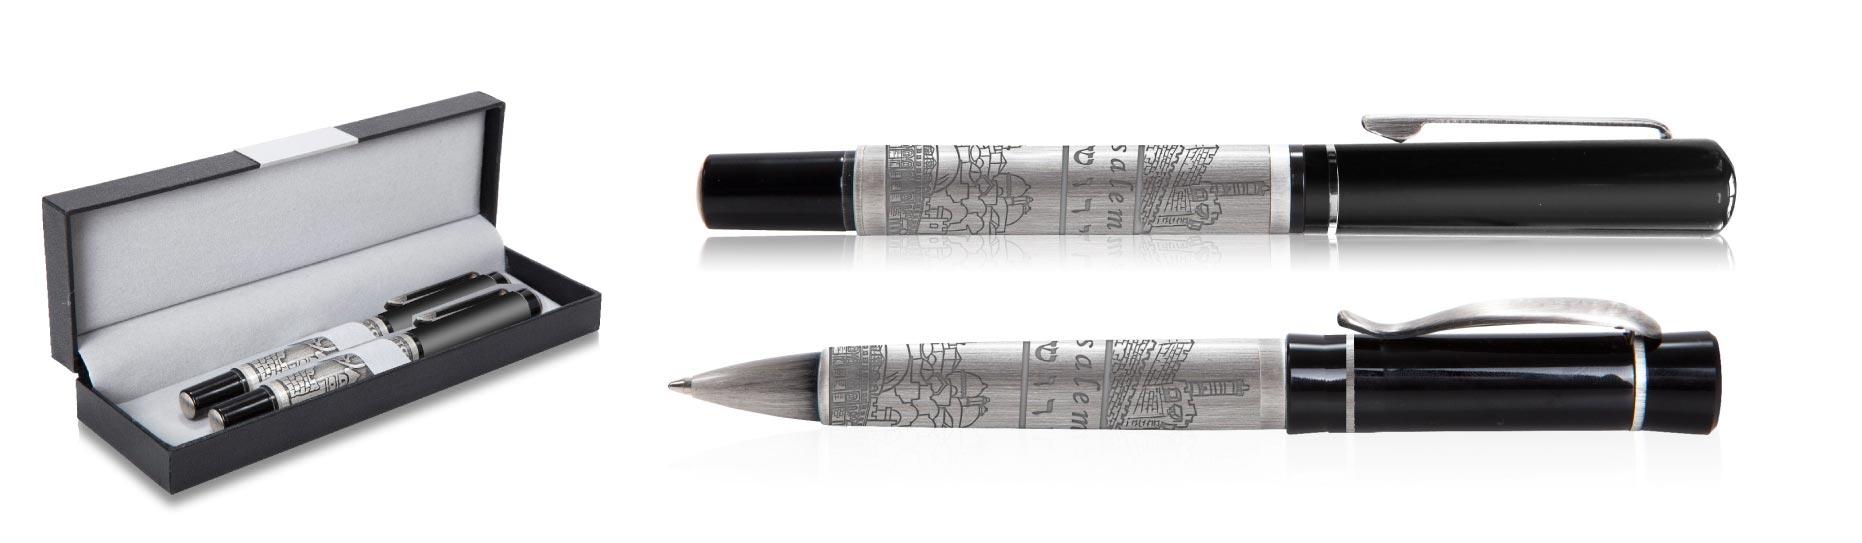 חריטת על עטים | סט עטים יוקרתי